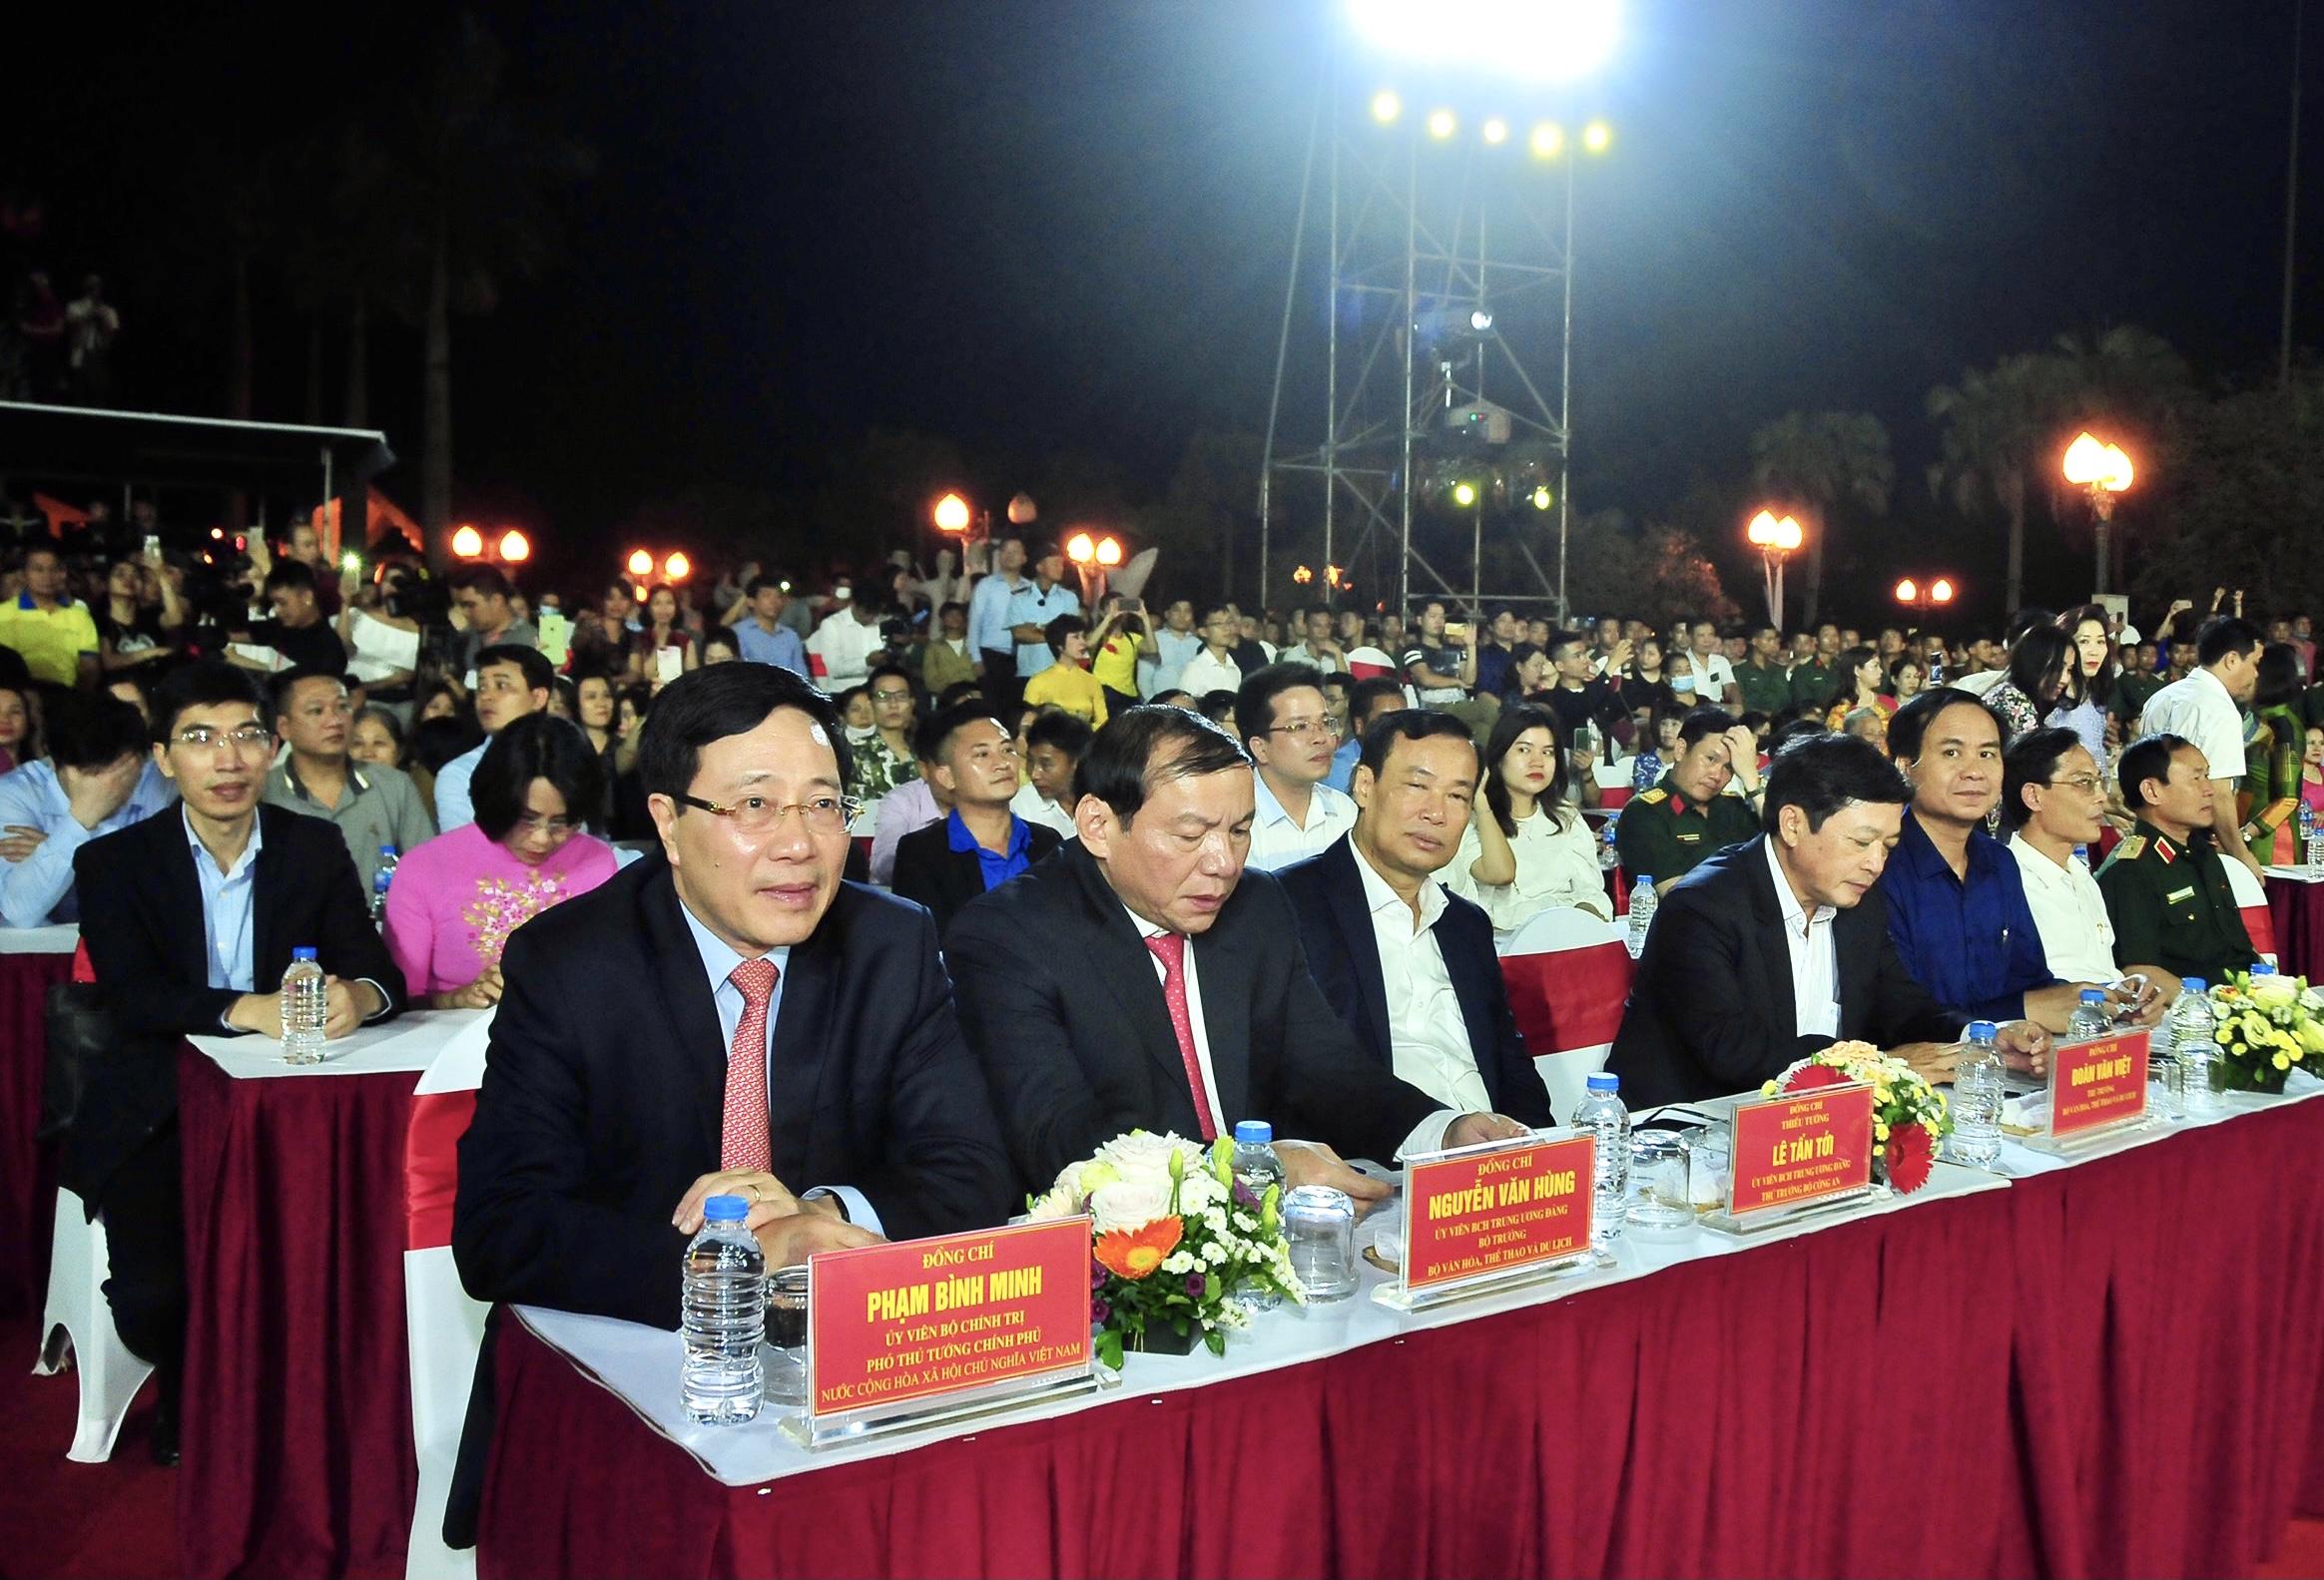 Ủy viên Bộ Chính trị, Phó Thủ tướng Chính phủ Phạm Bình Minh và các đại biểu tham dự Chương trình